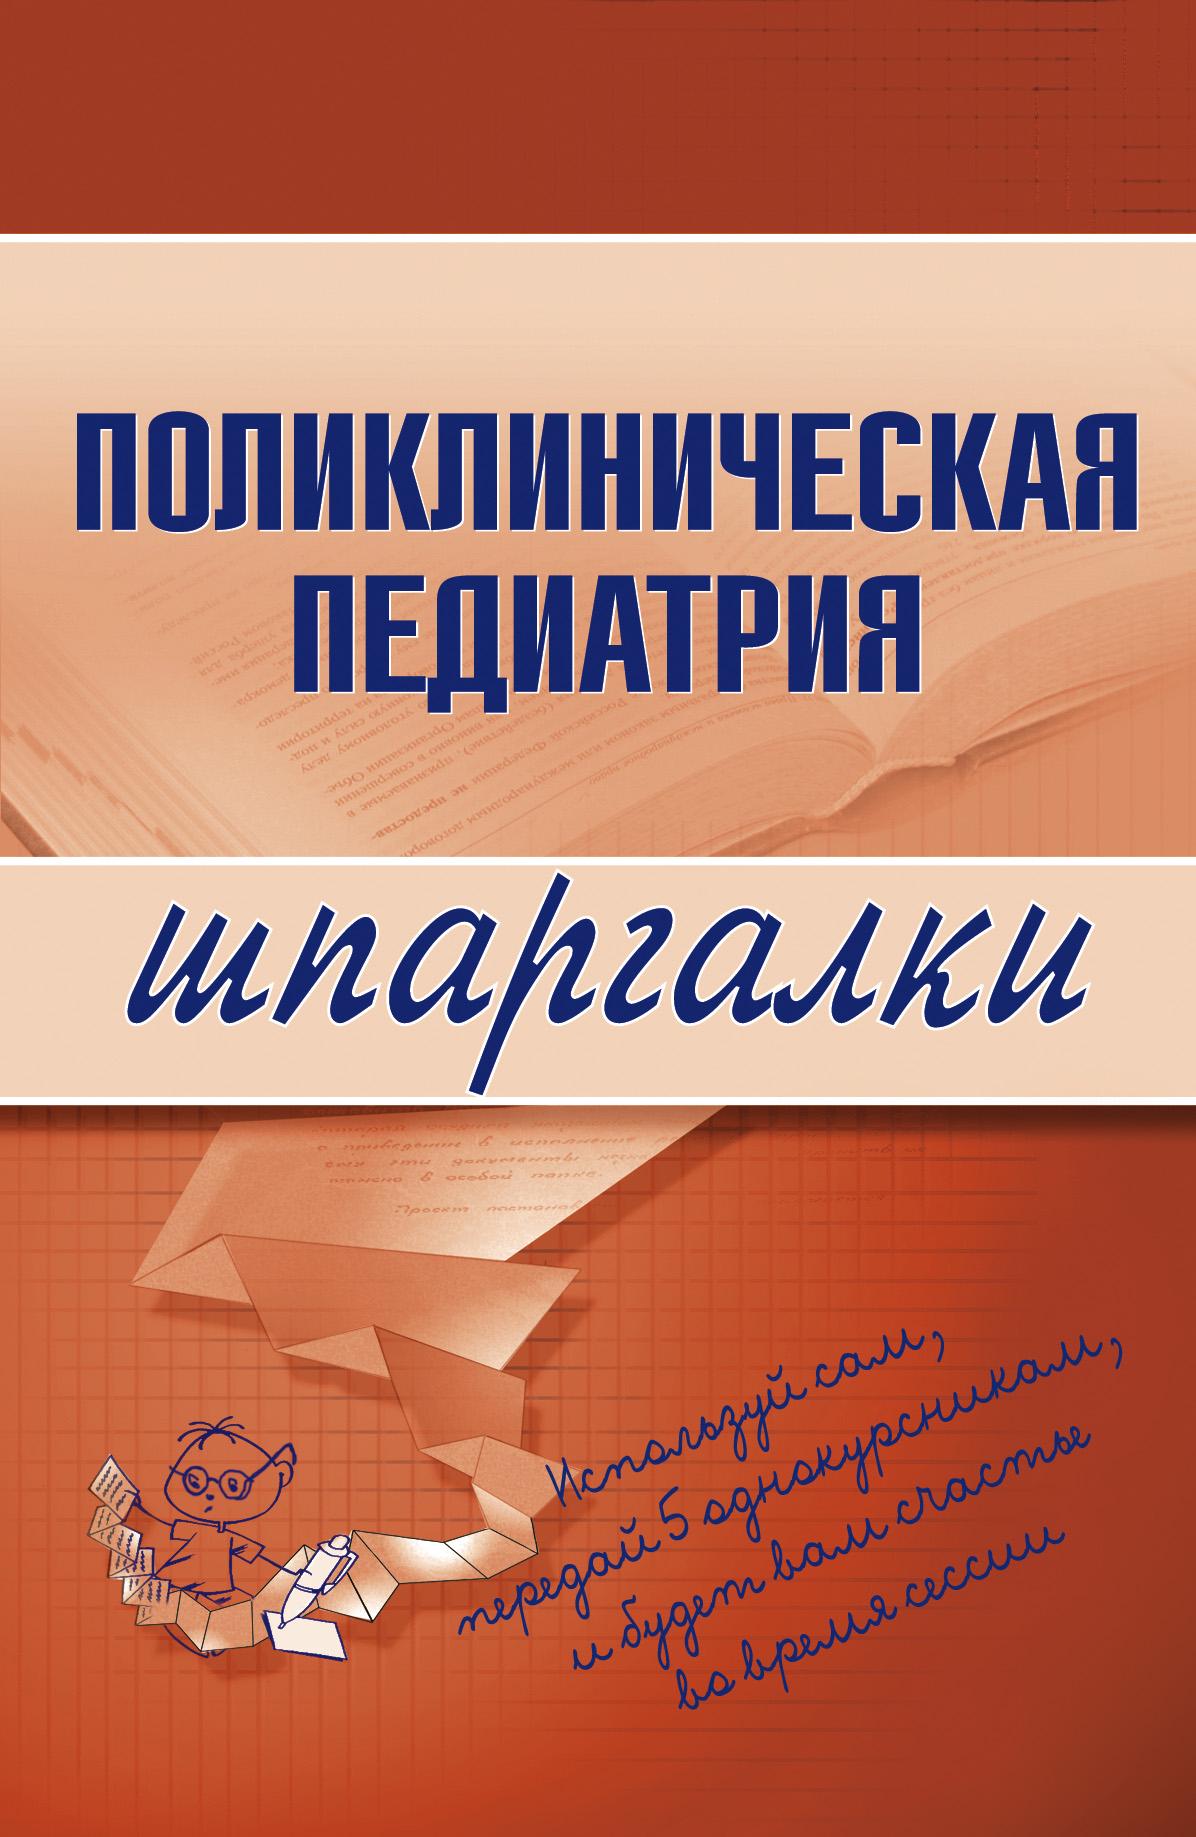 Андрей Дроздов, М. Дроздова «Поликлиническая педиатрия»